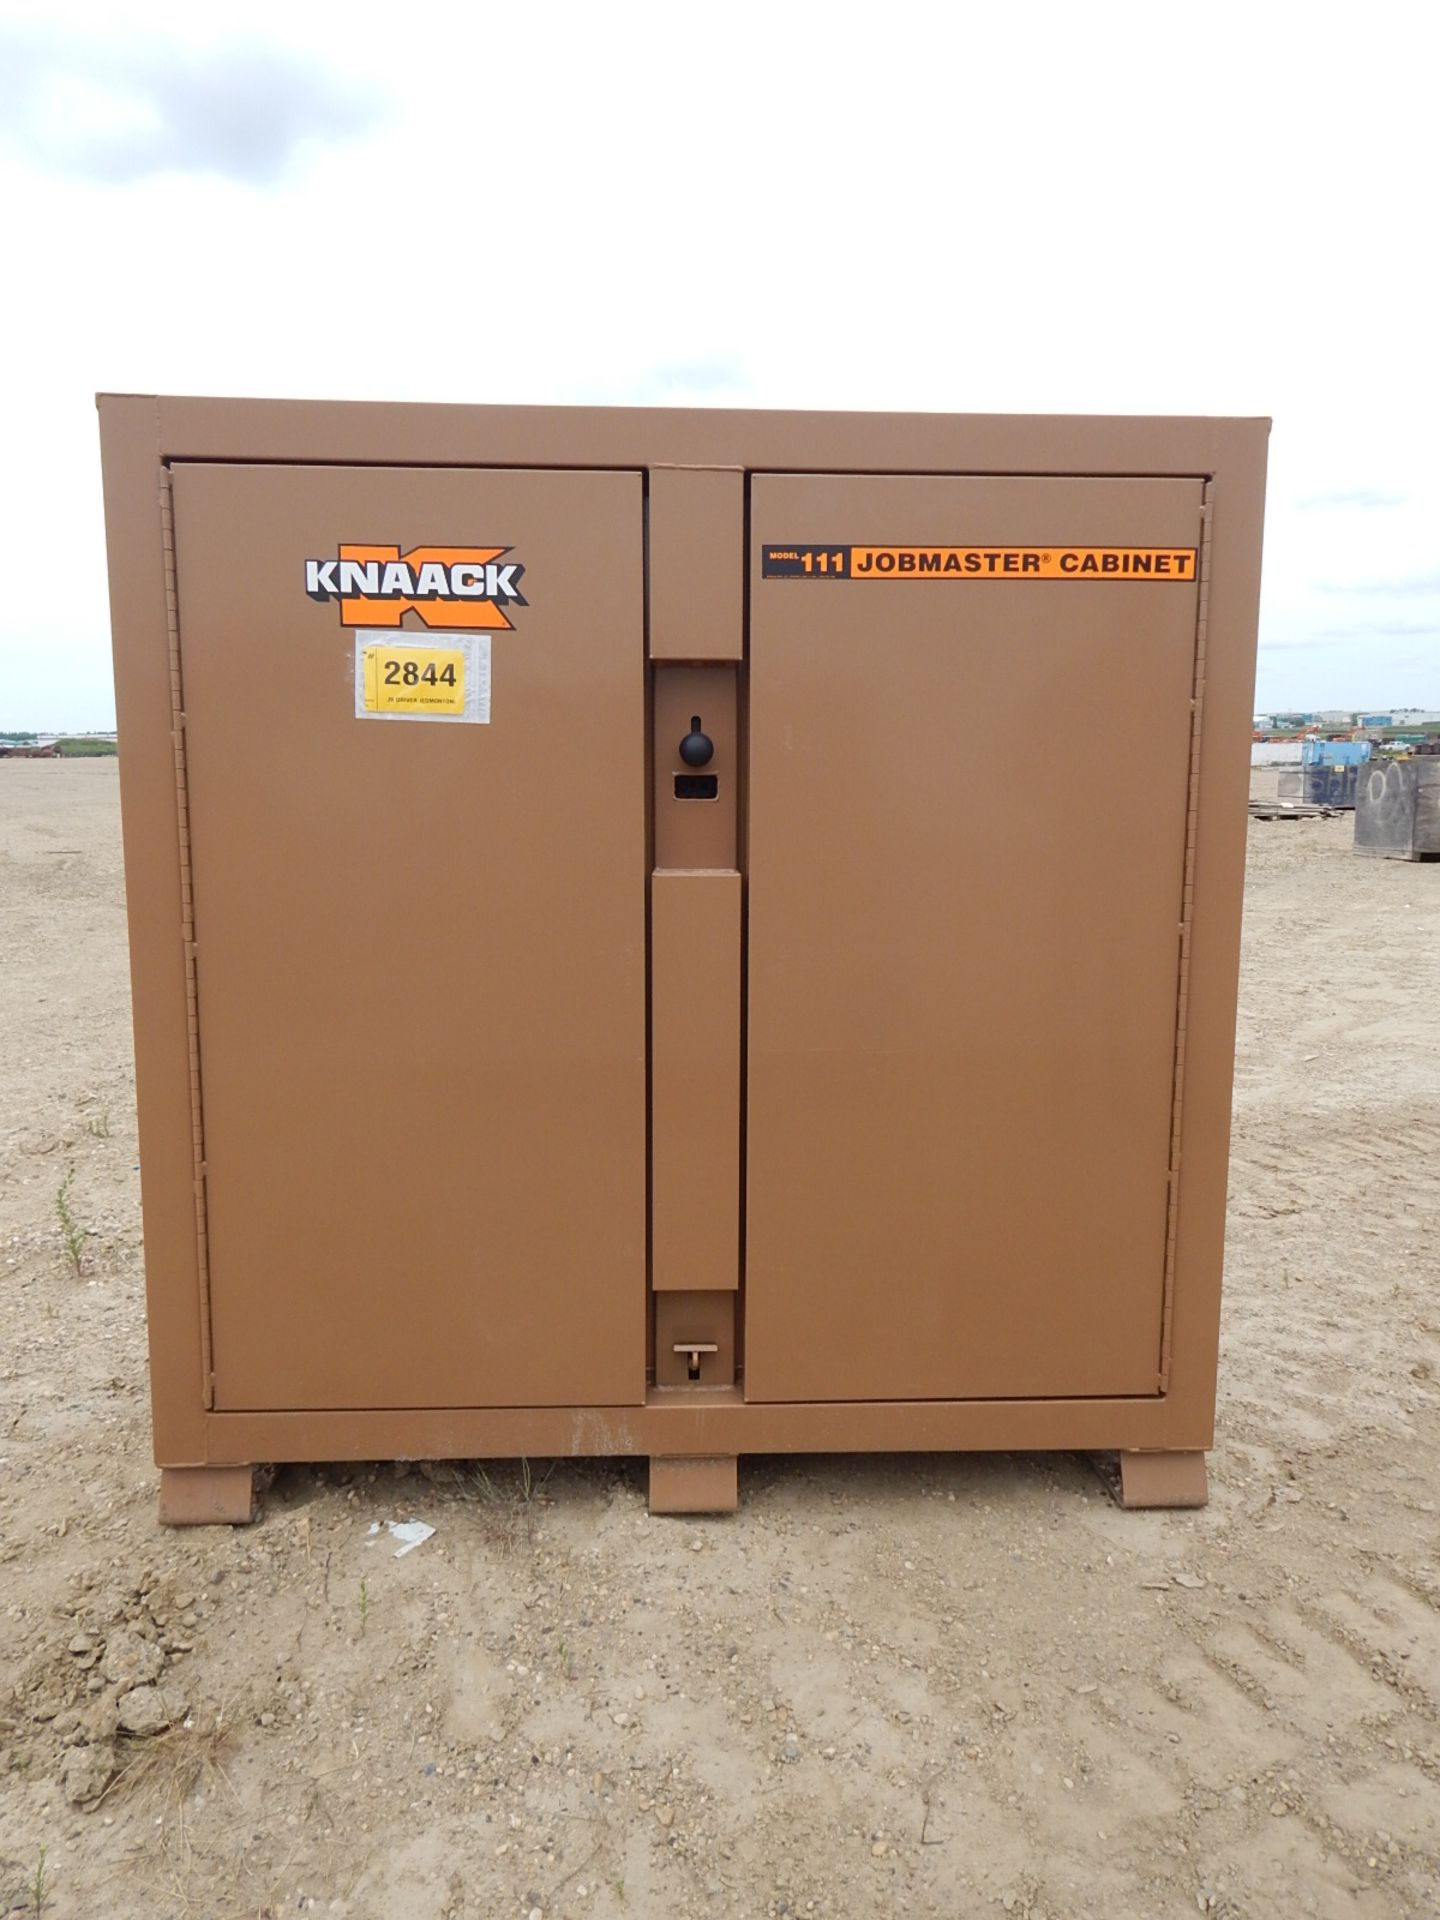 KNAACK 2-DOOR JOBMASTER CABINET, S/N: N/A